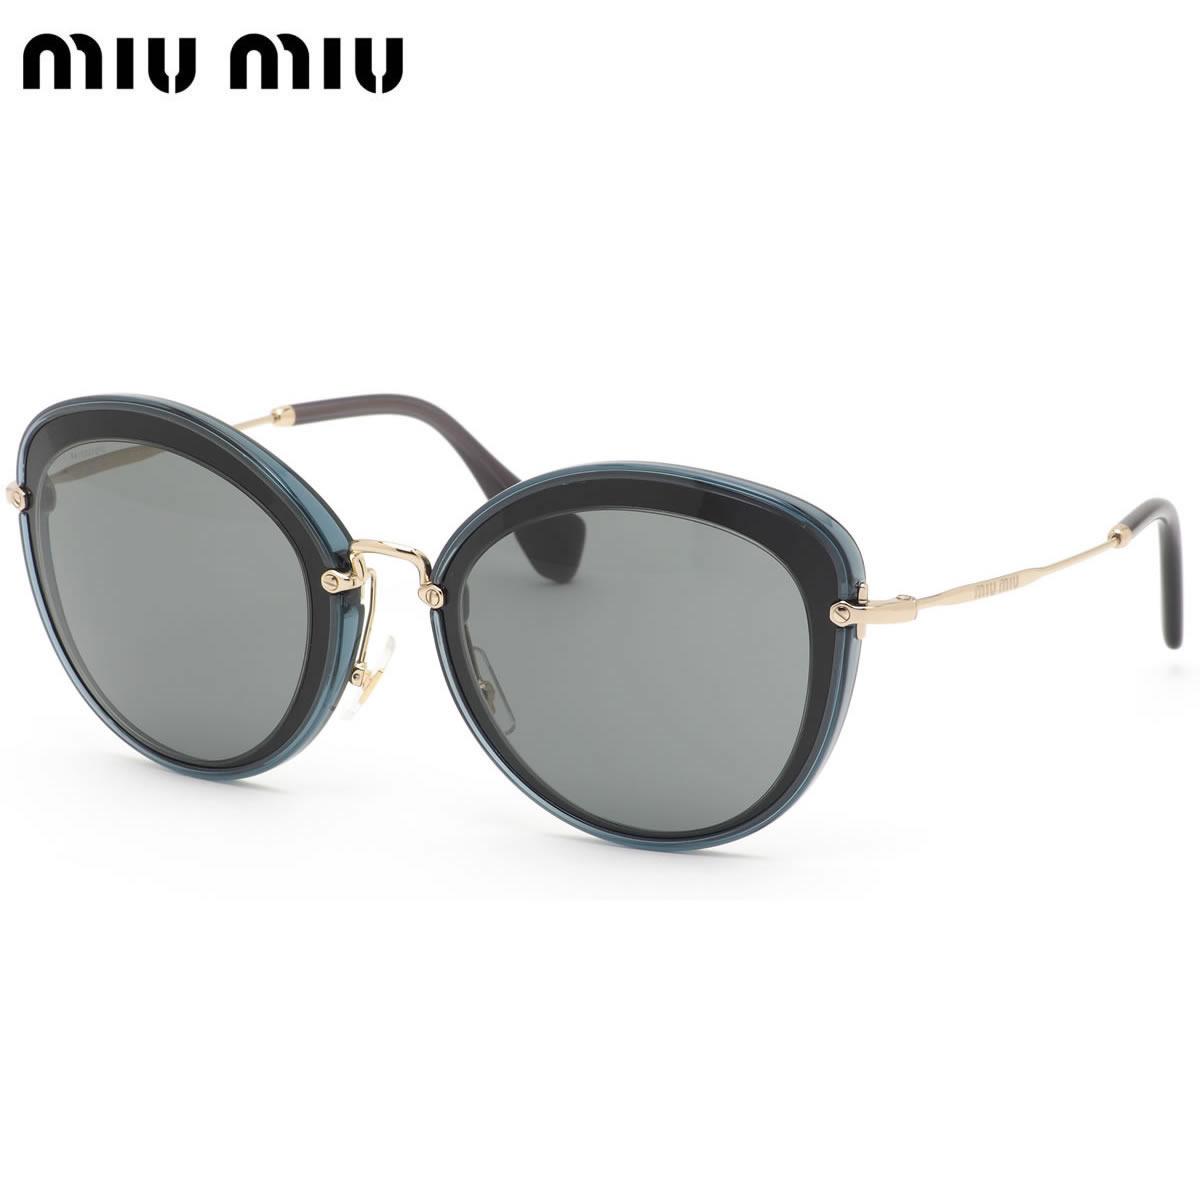 【ミュウミュウ】(miumiu) ノワール サングラス MU50RS 1AB9K1 54サイズフォックスmiumiu ミュウミュウ Noir レディース:メガネ・サングラスのThat's